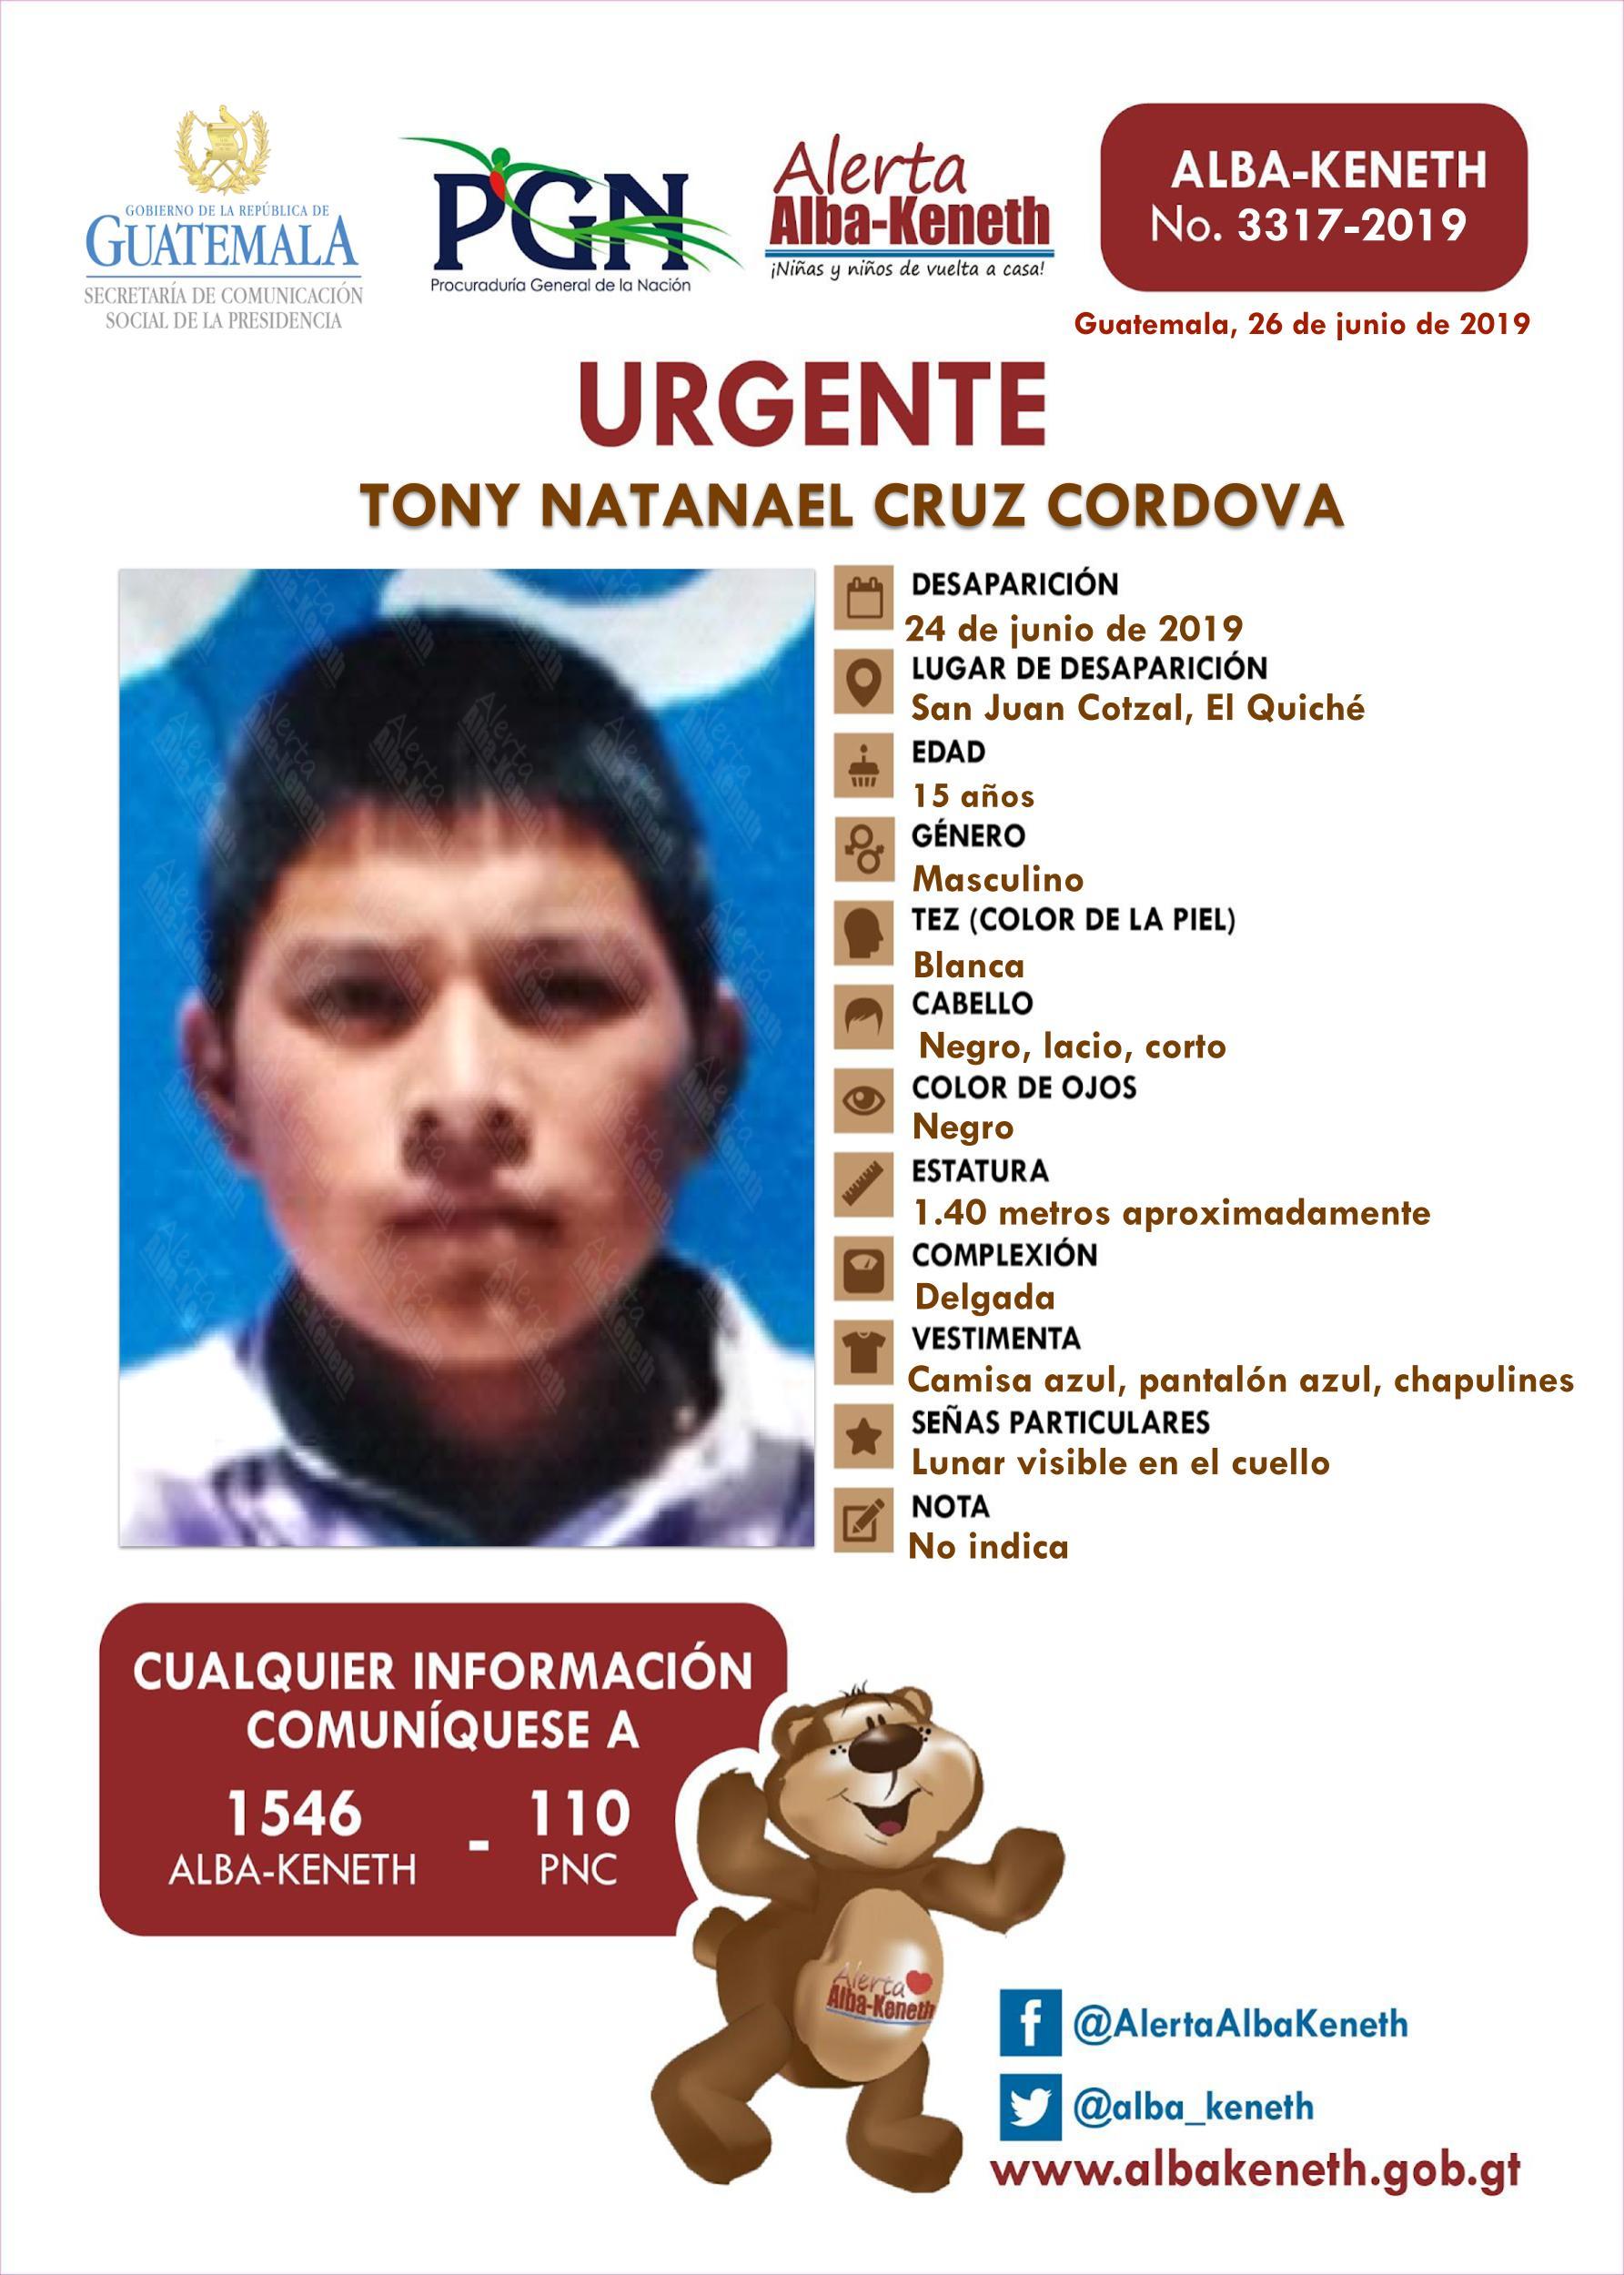 Tony Natanael Cruz Cordova